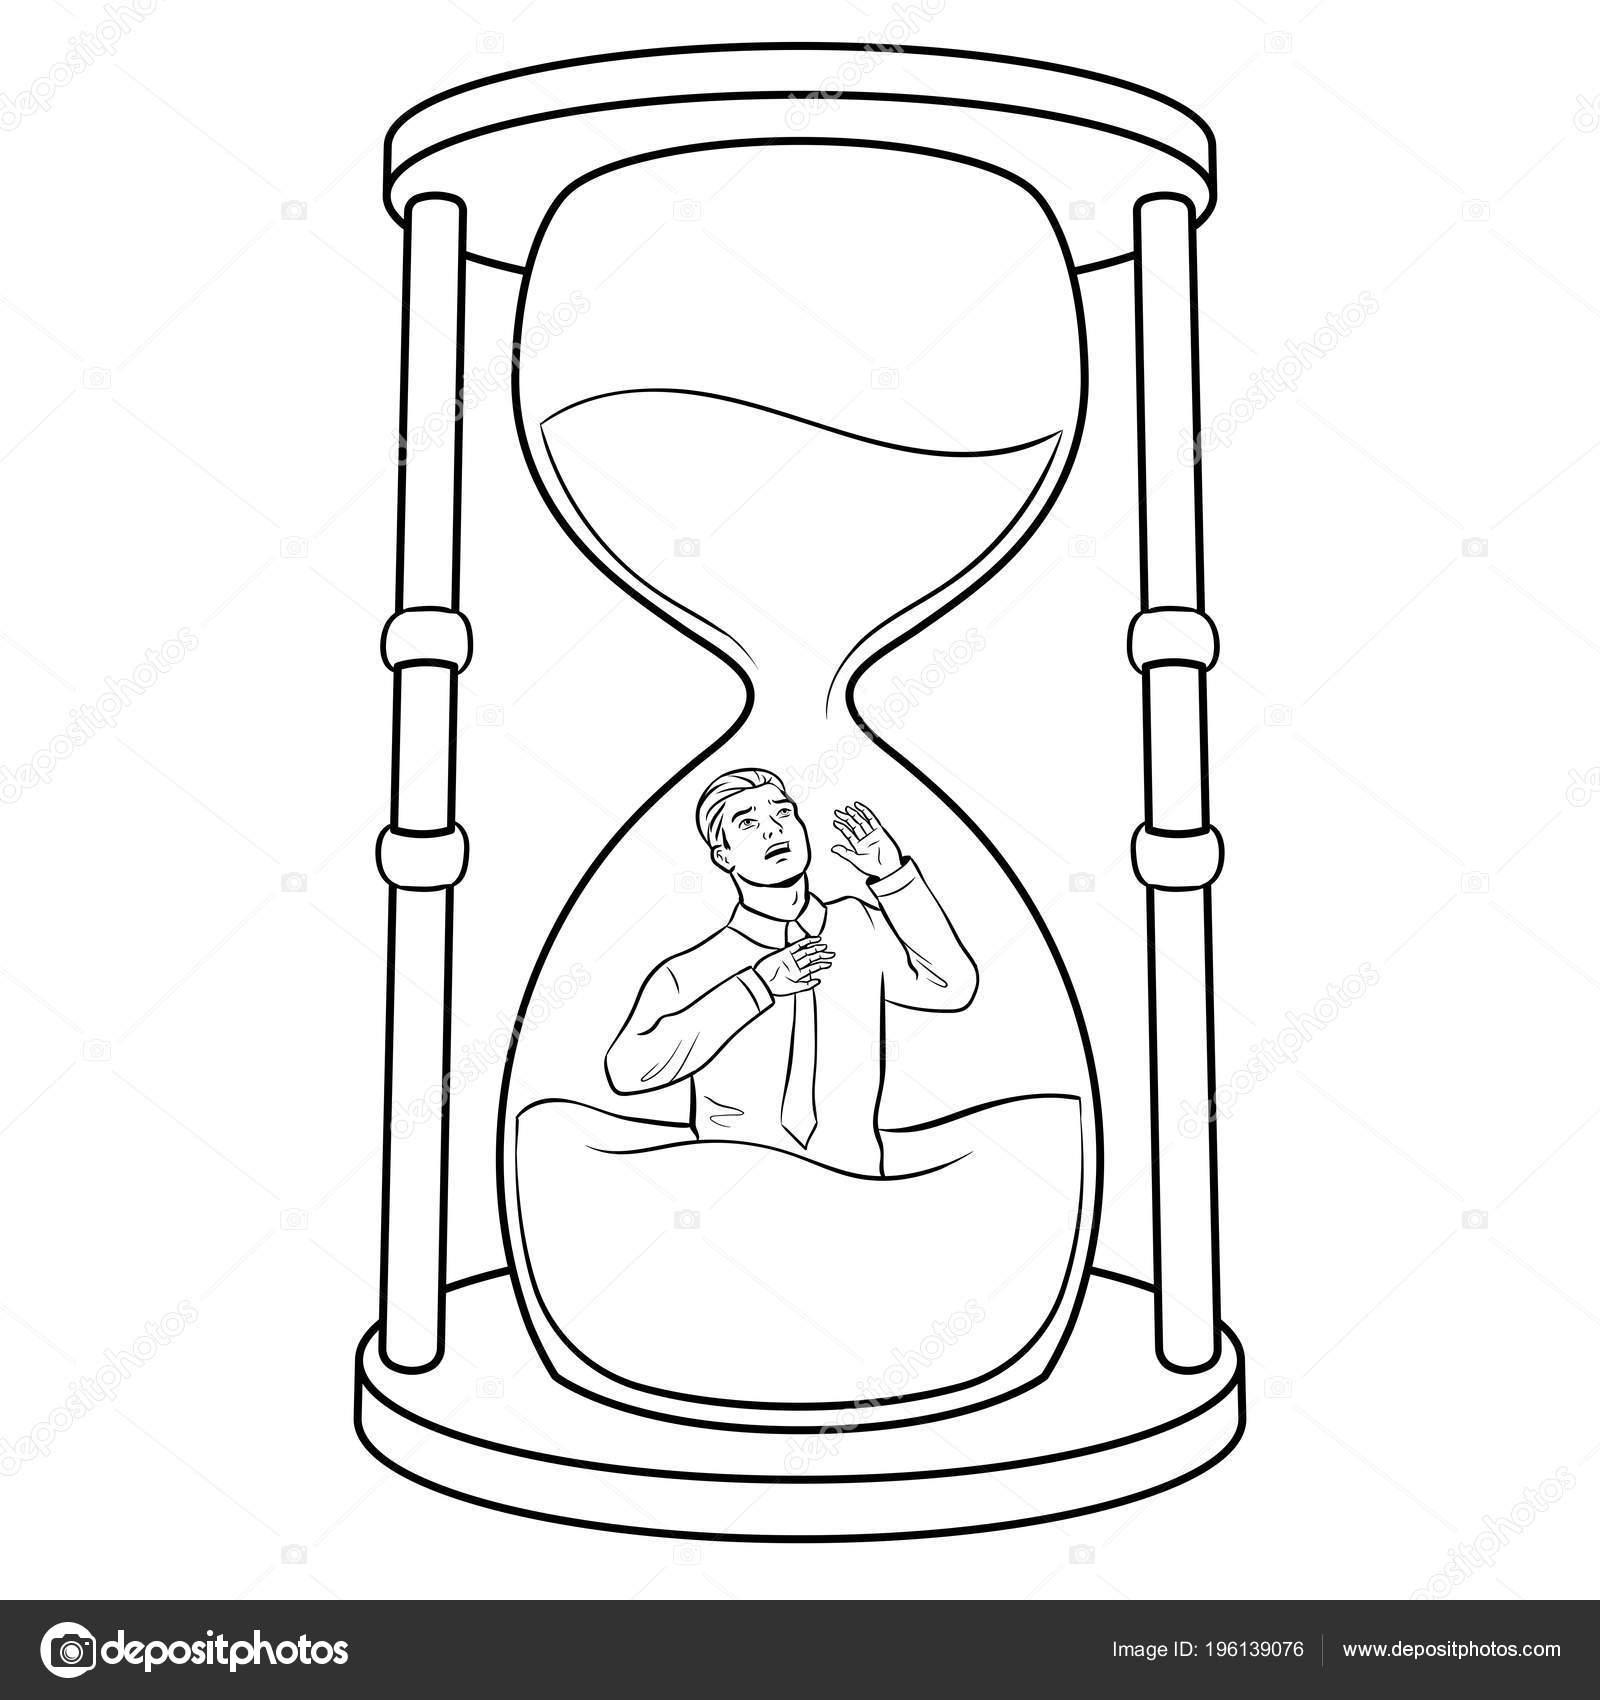 Imágenes Reloj De Arena Para Colorear Vidrio De Reloj Arena Con